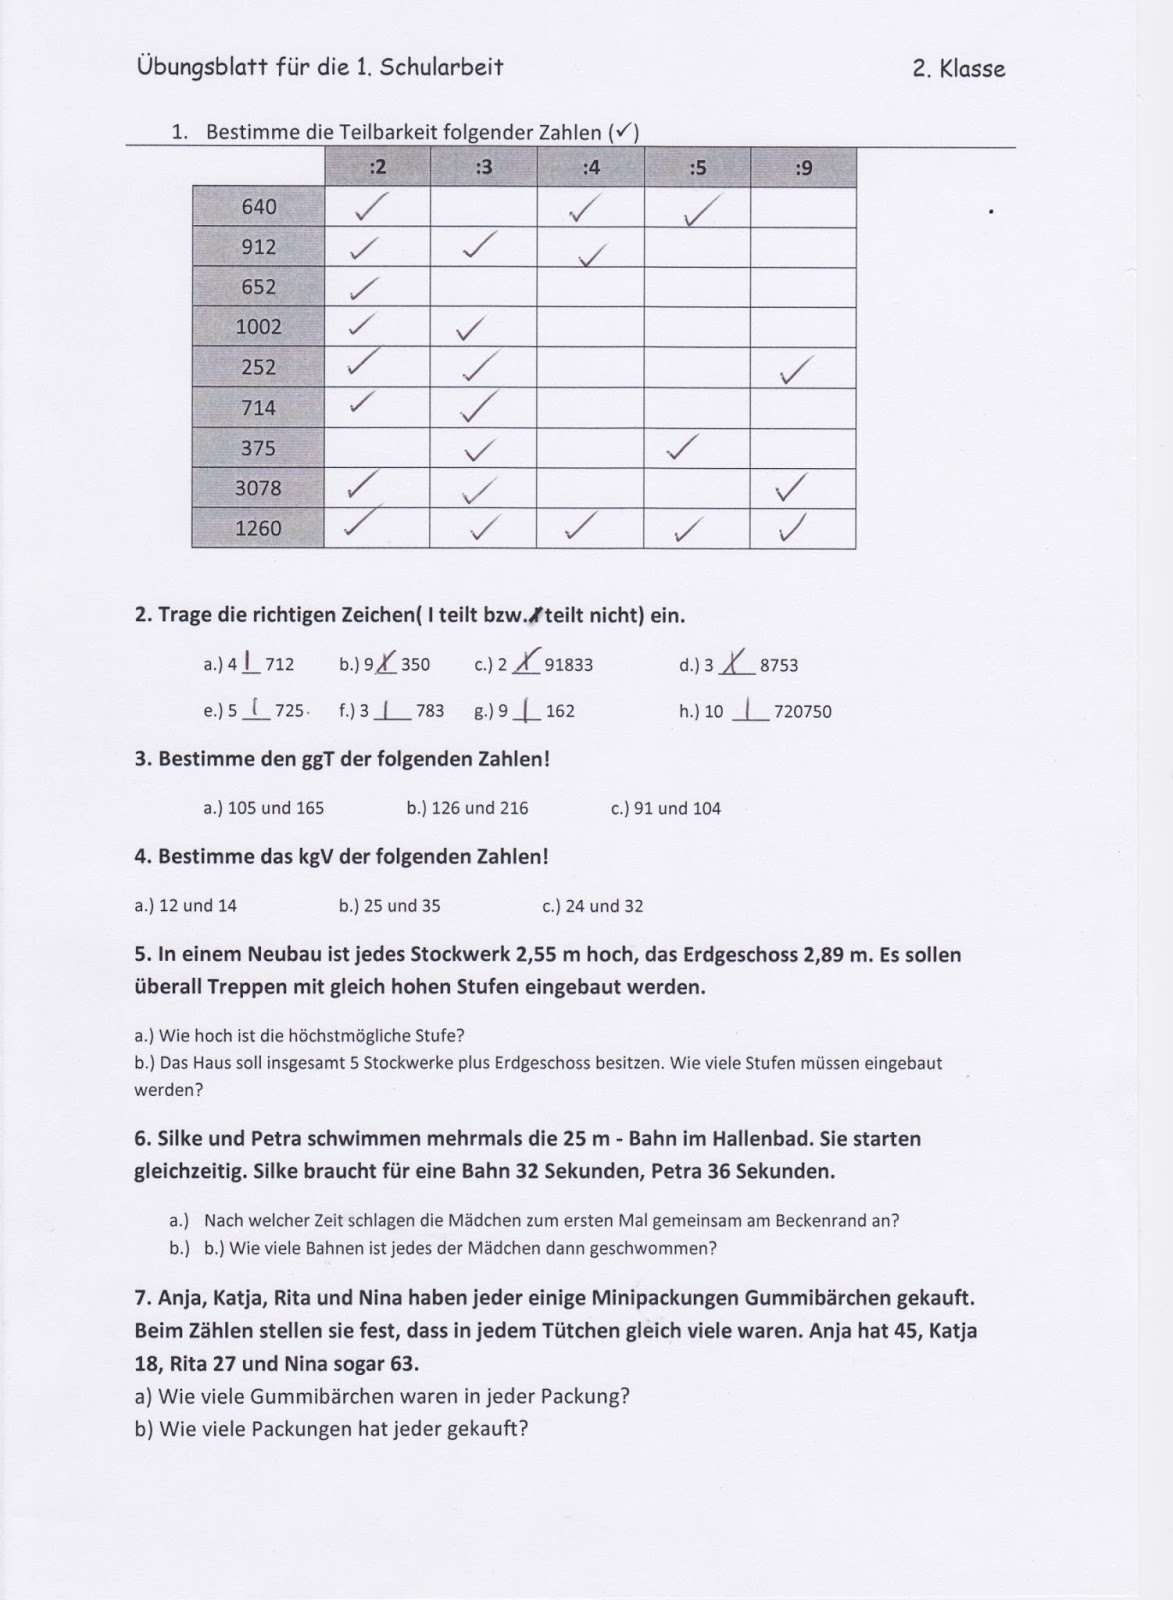 Klassenblog 3c Losung Ubungsblatt